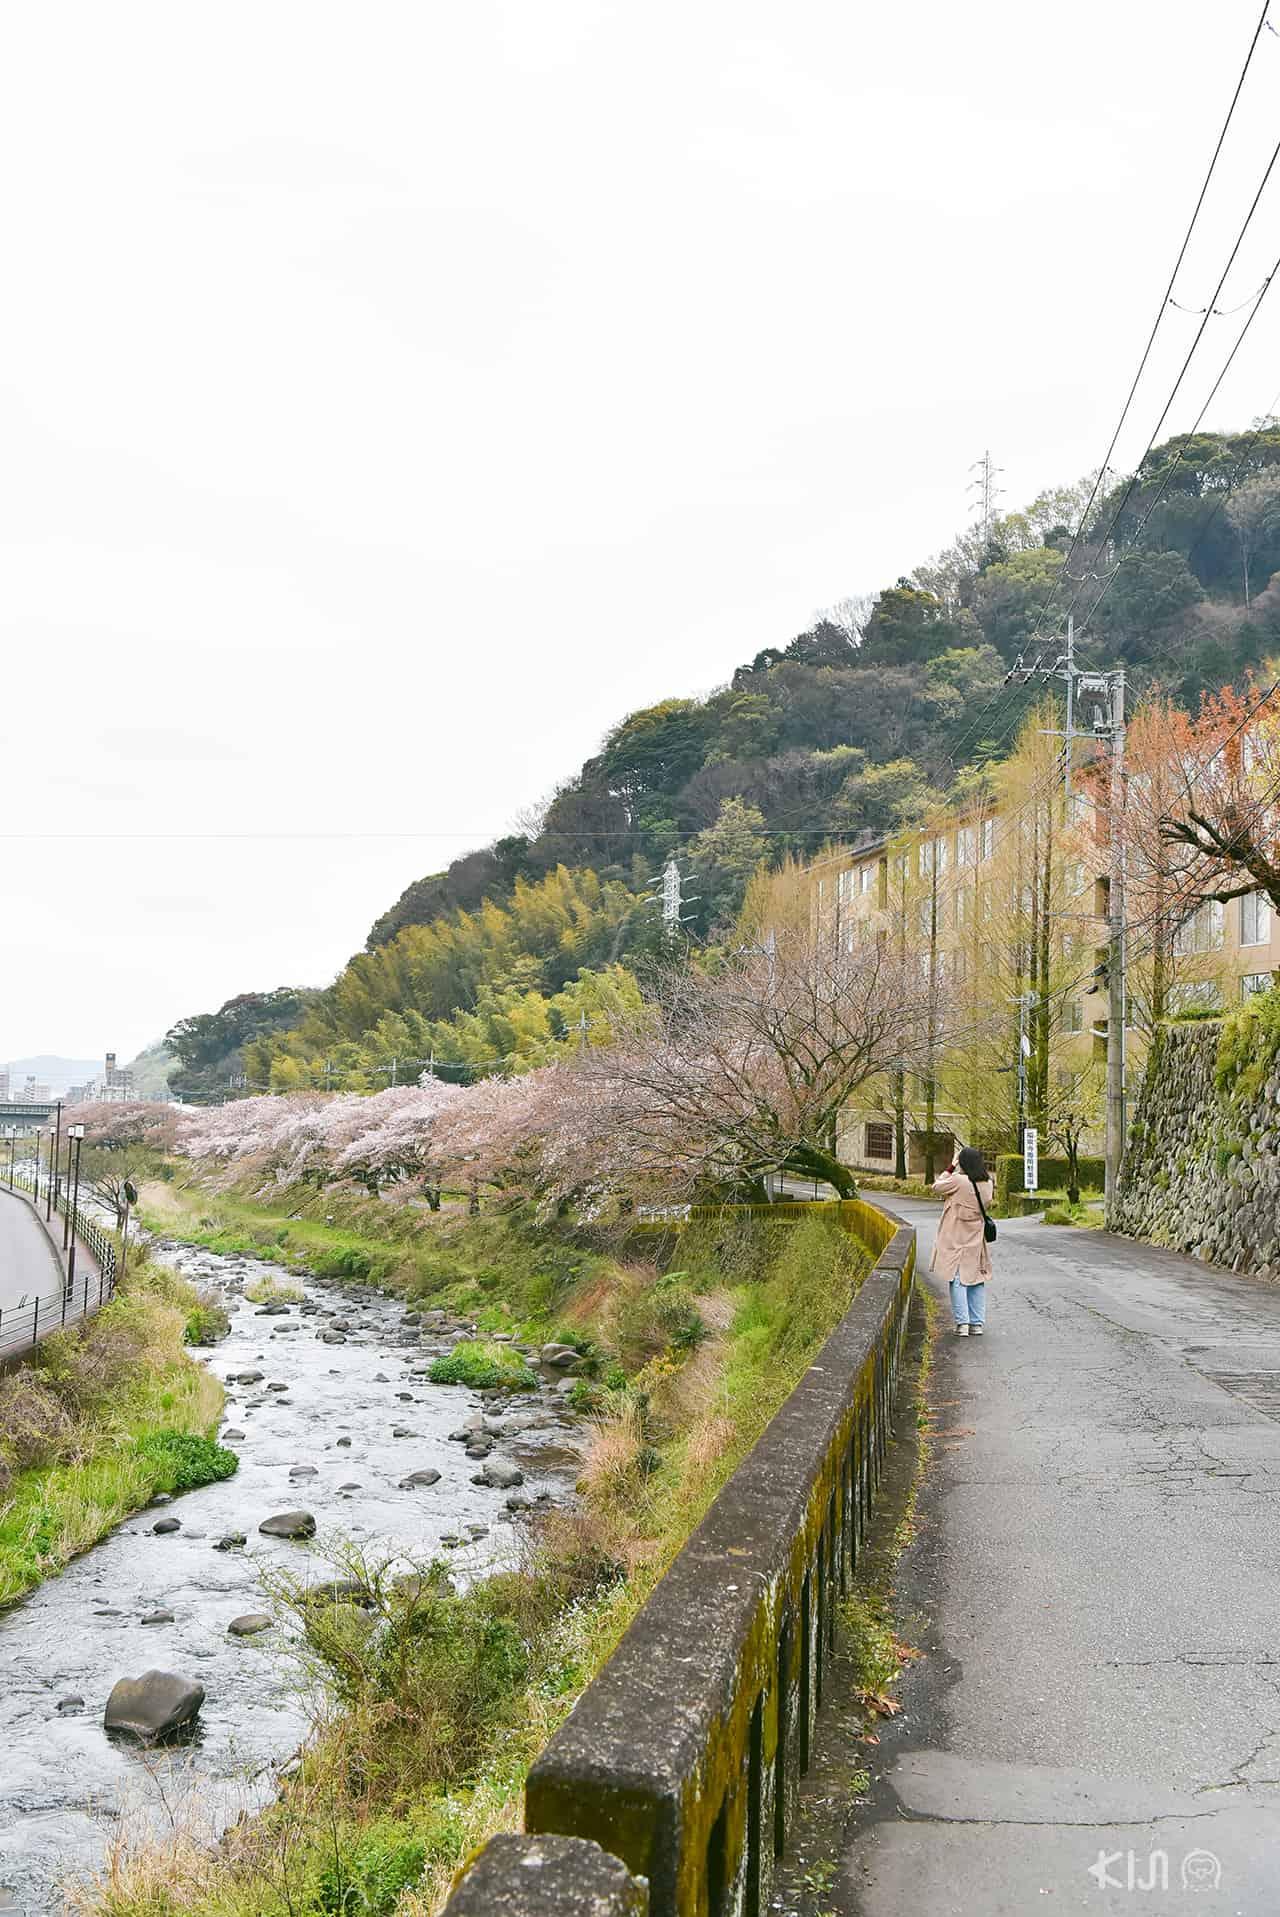 ริมแม่น้ำชิโตเสะในเมือง Yugawara